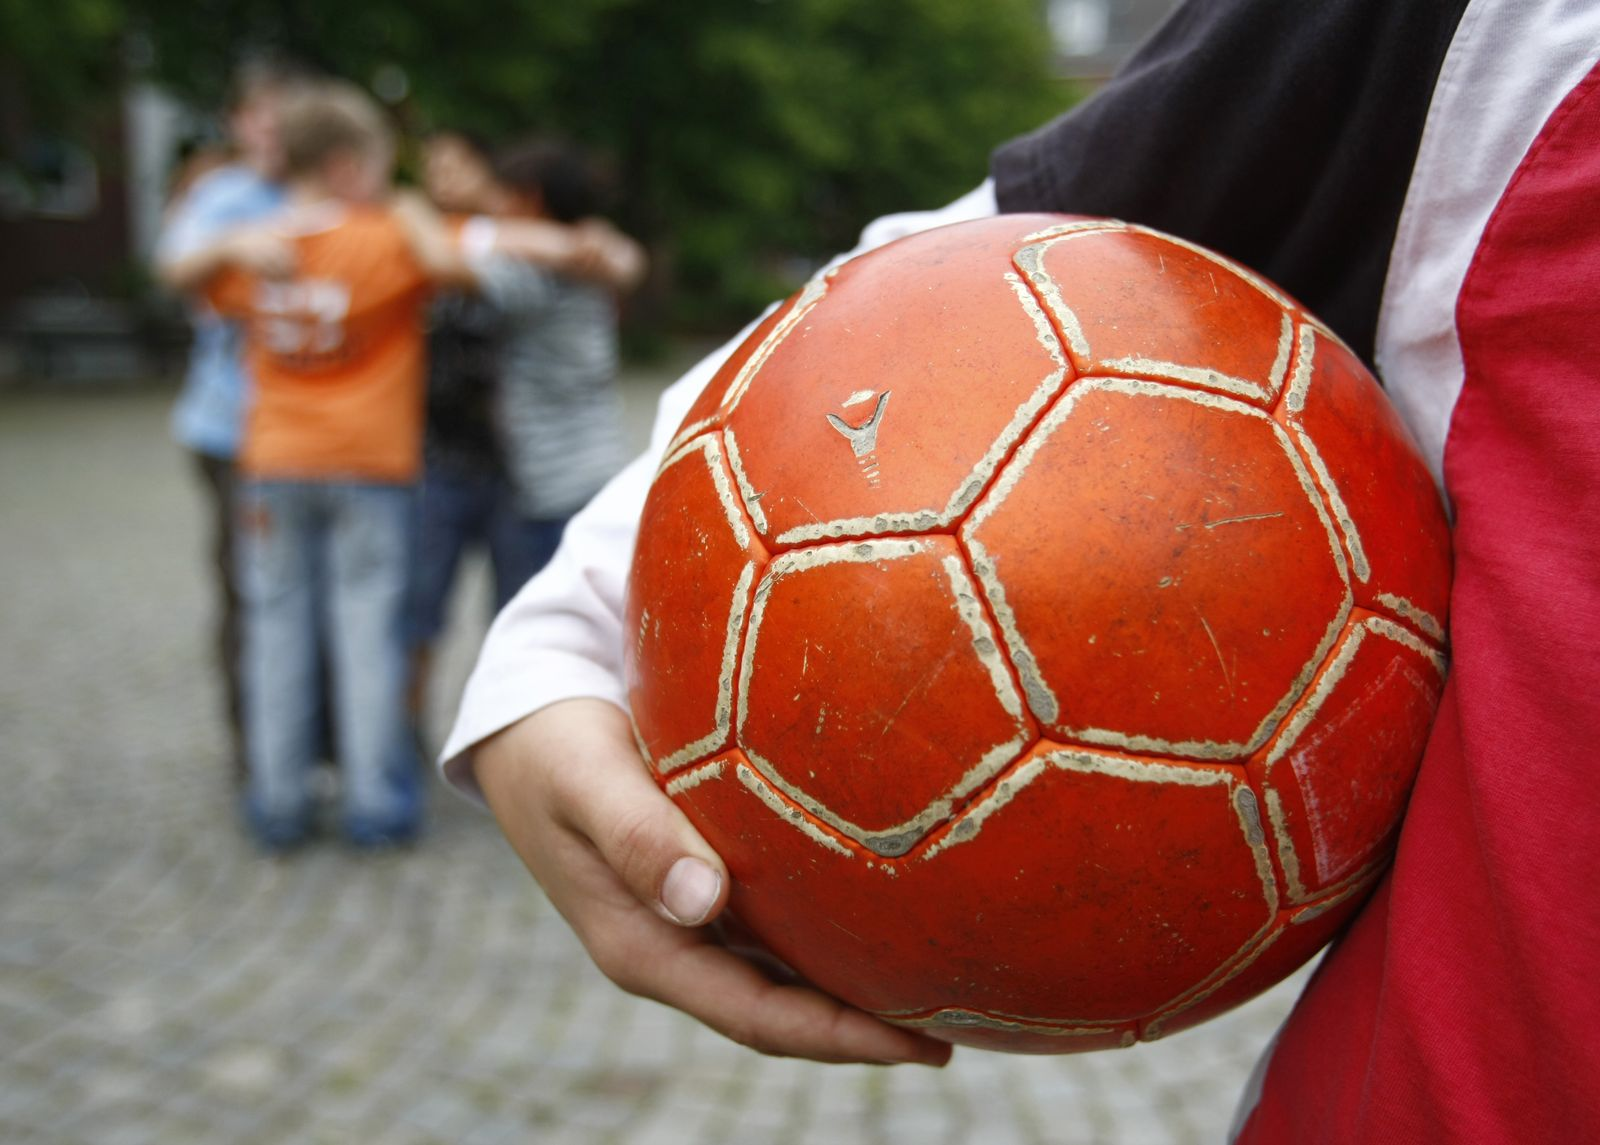 Fussball/ Kinder